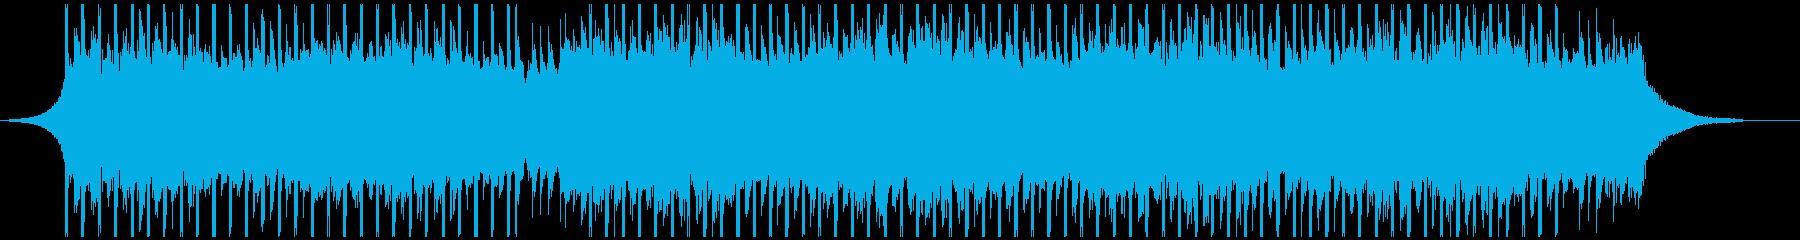 企業の動機(ショート1)の再生済みの波形